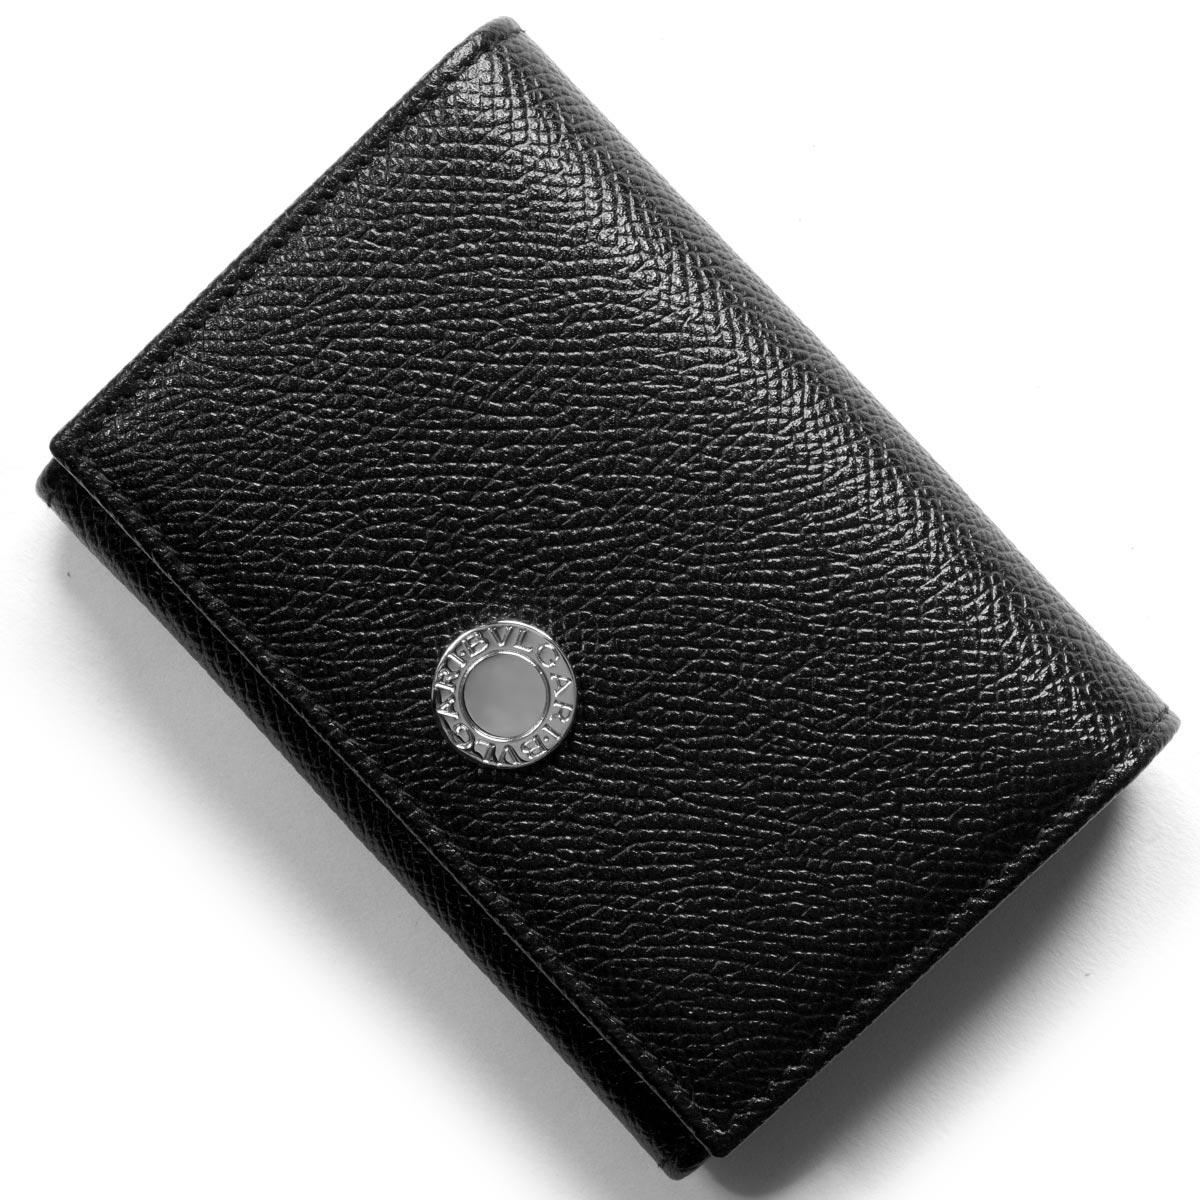 ブルガリ カードケース メンズ レディース クラシコ CLASSICO ブラック 25740 BVLGARI